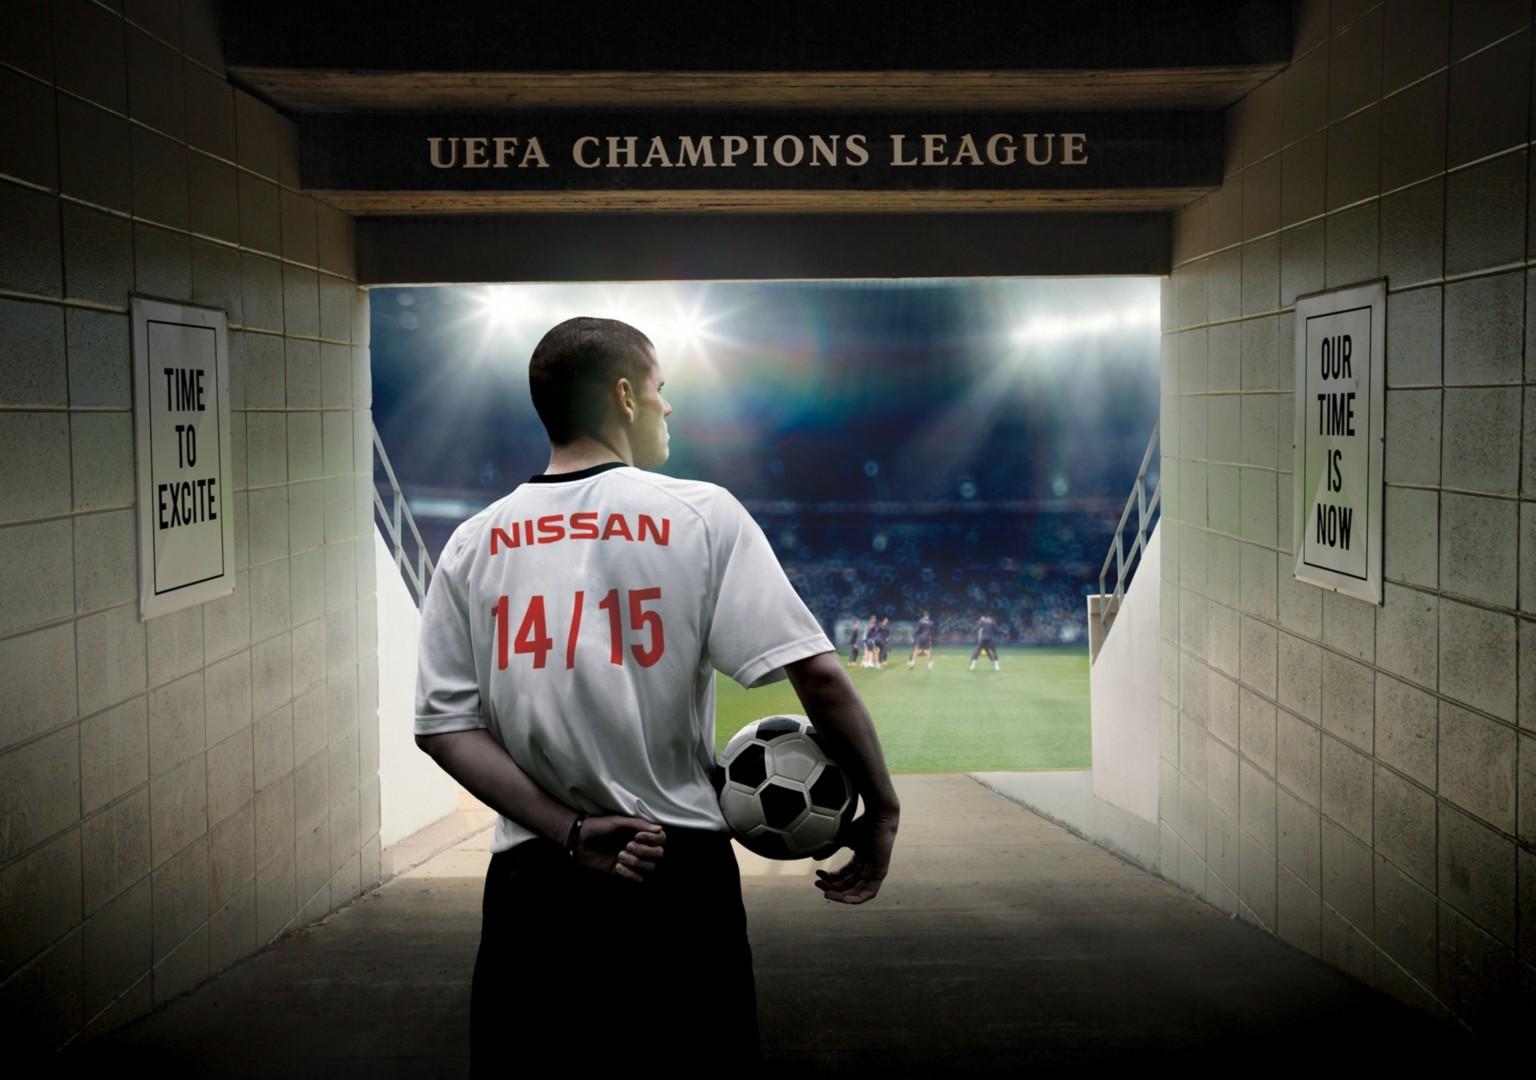 Nissan fa goal con la UEFA Champions League